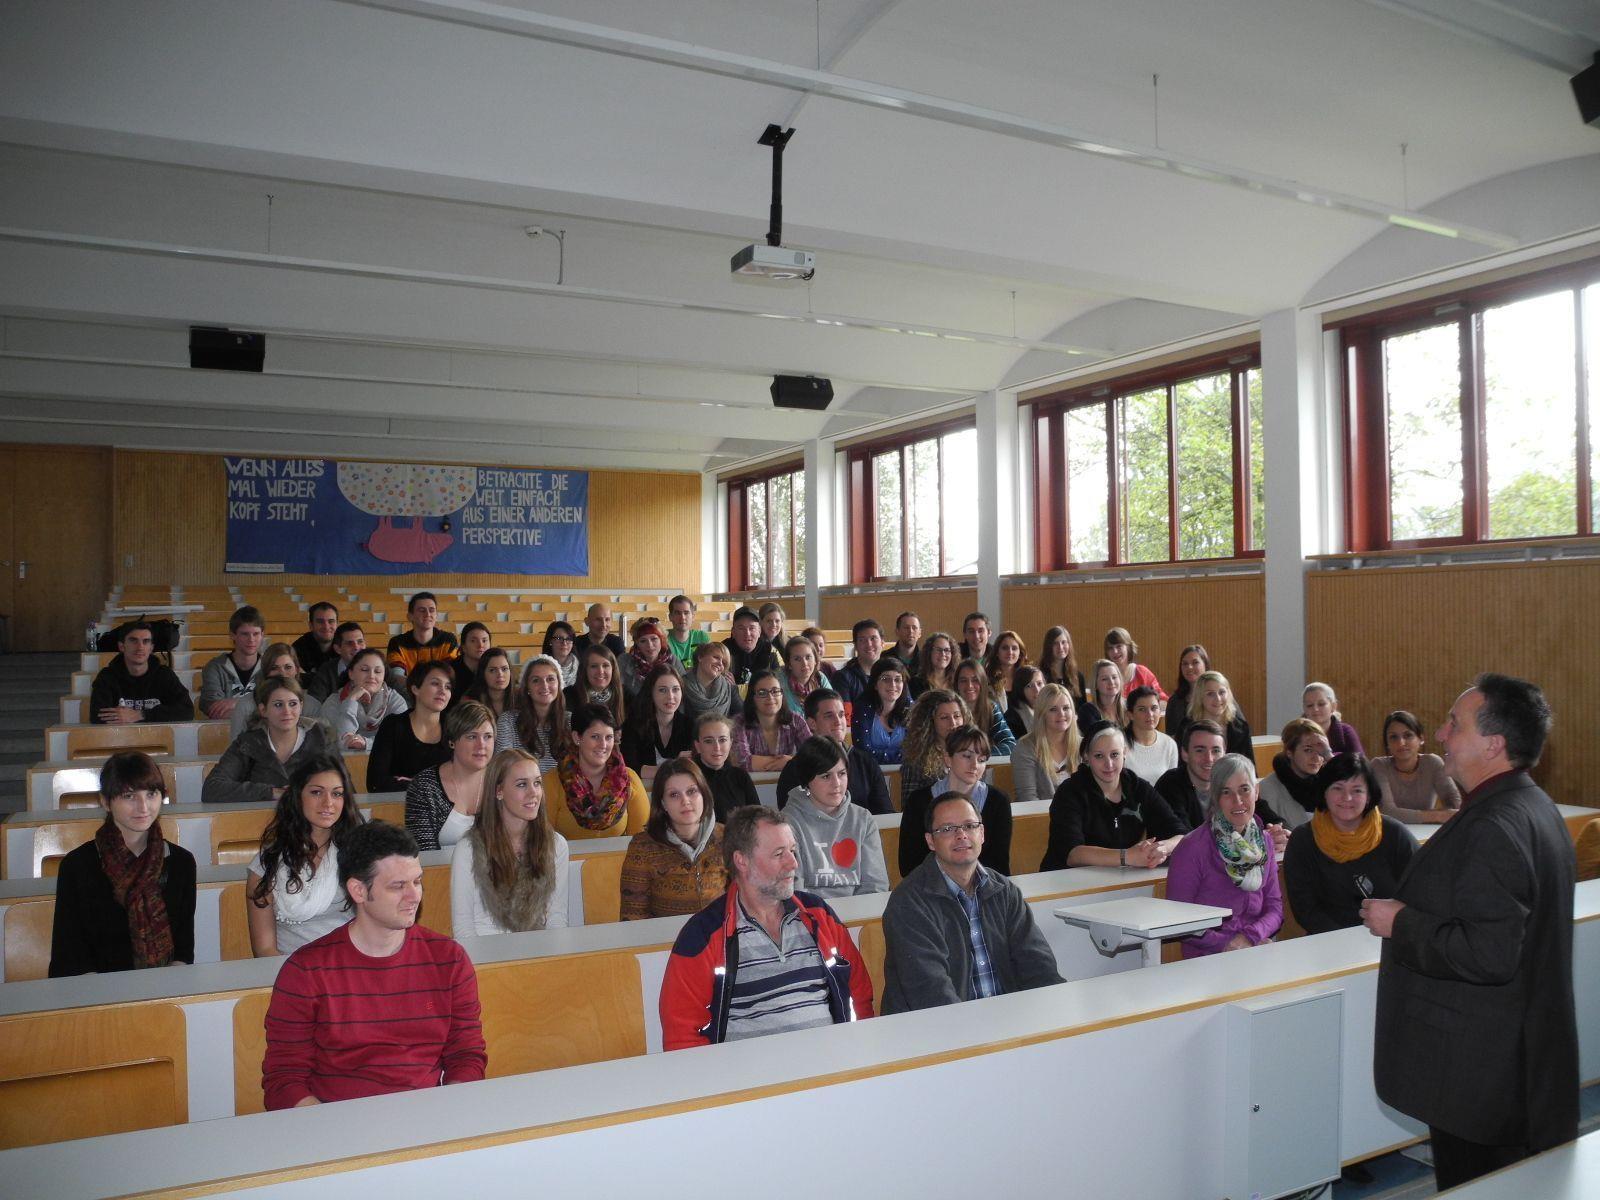 Der Hörsaal der Krankenpflegeschule Feldkirch